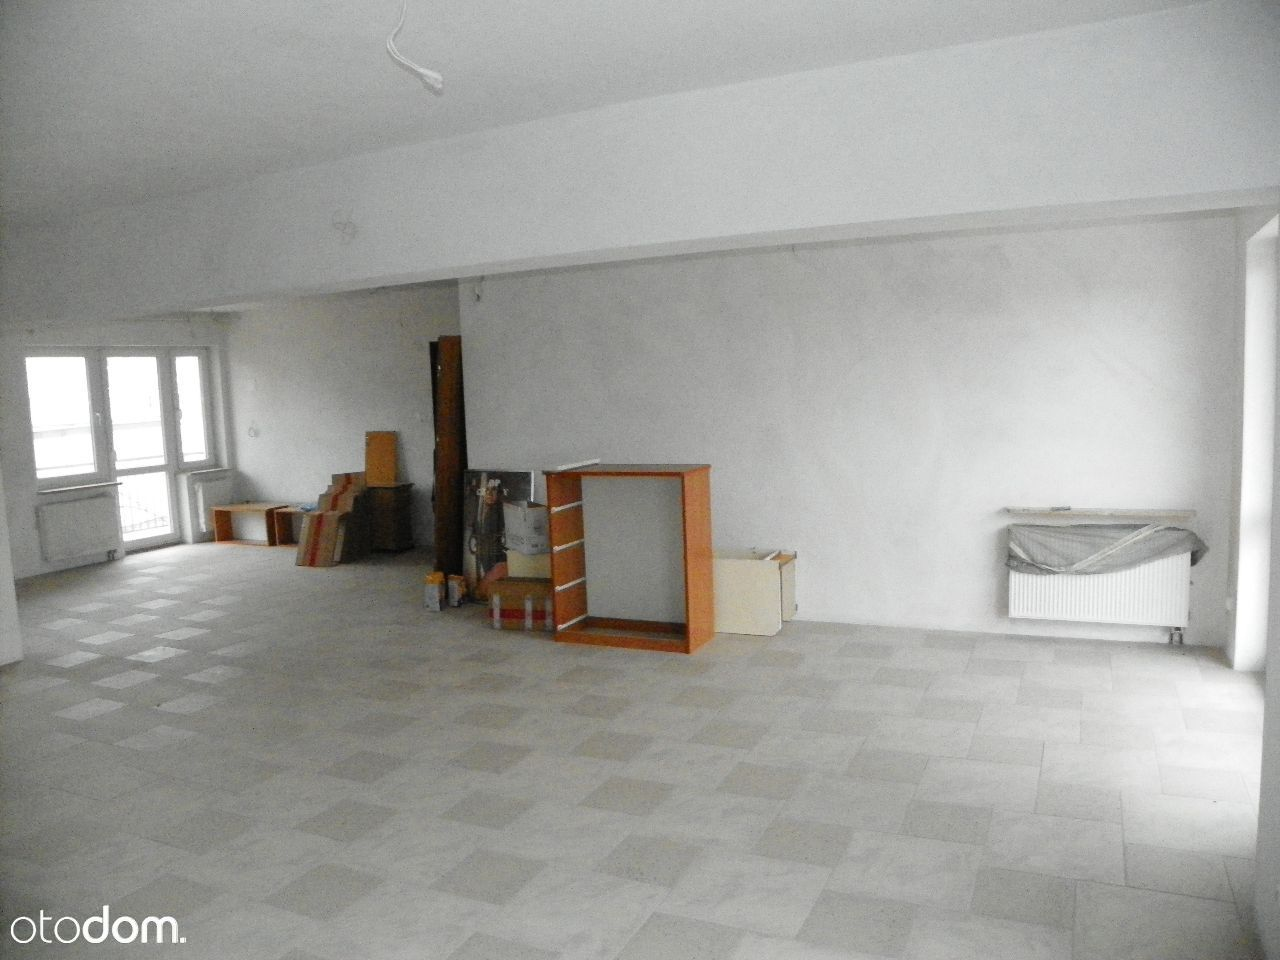 Lokal użytkowy na wynajem, Chełm, lubelskie - Foto 10